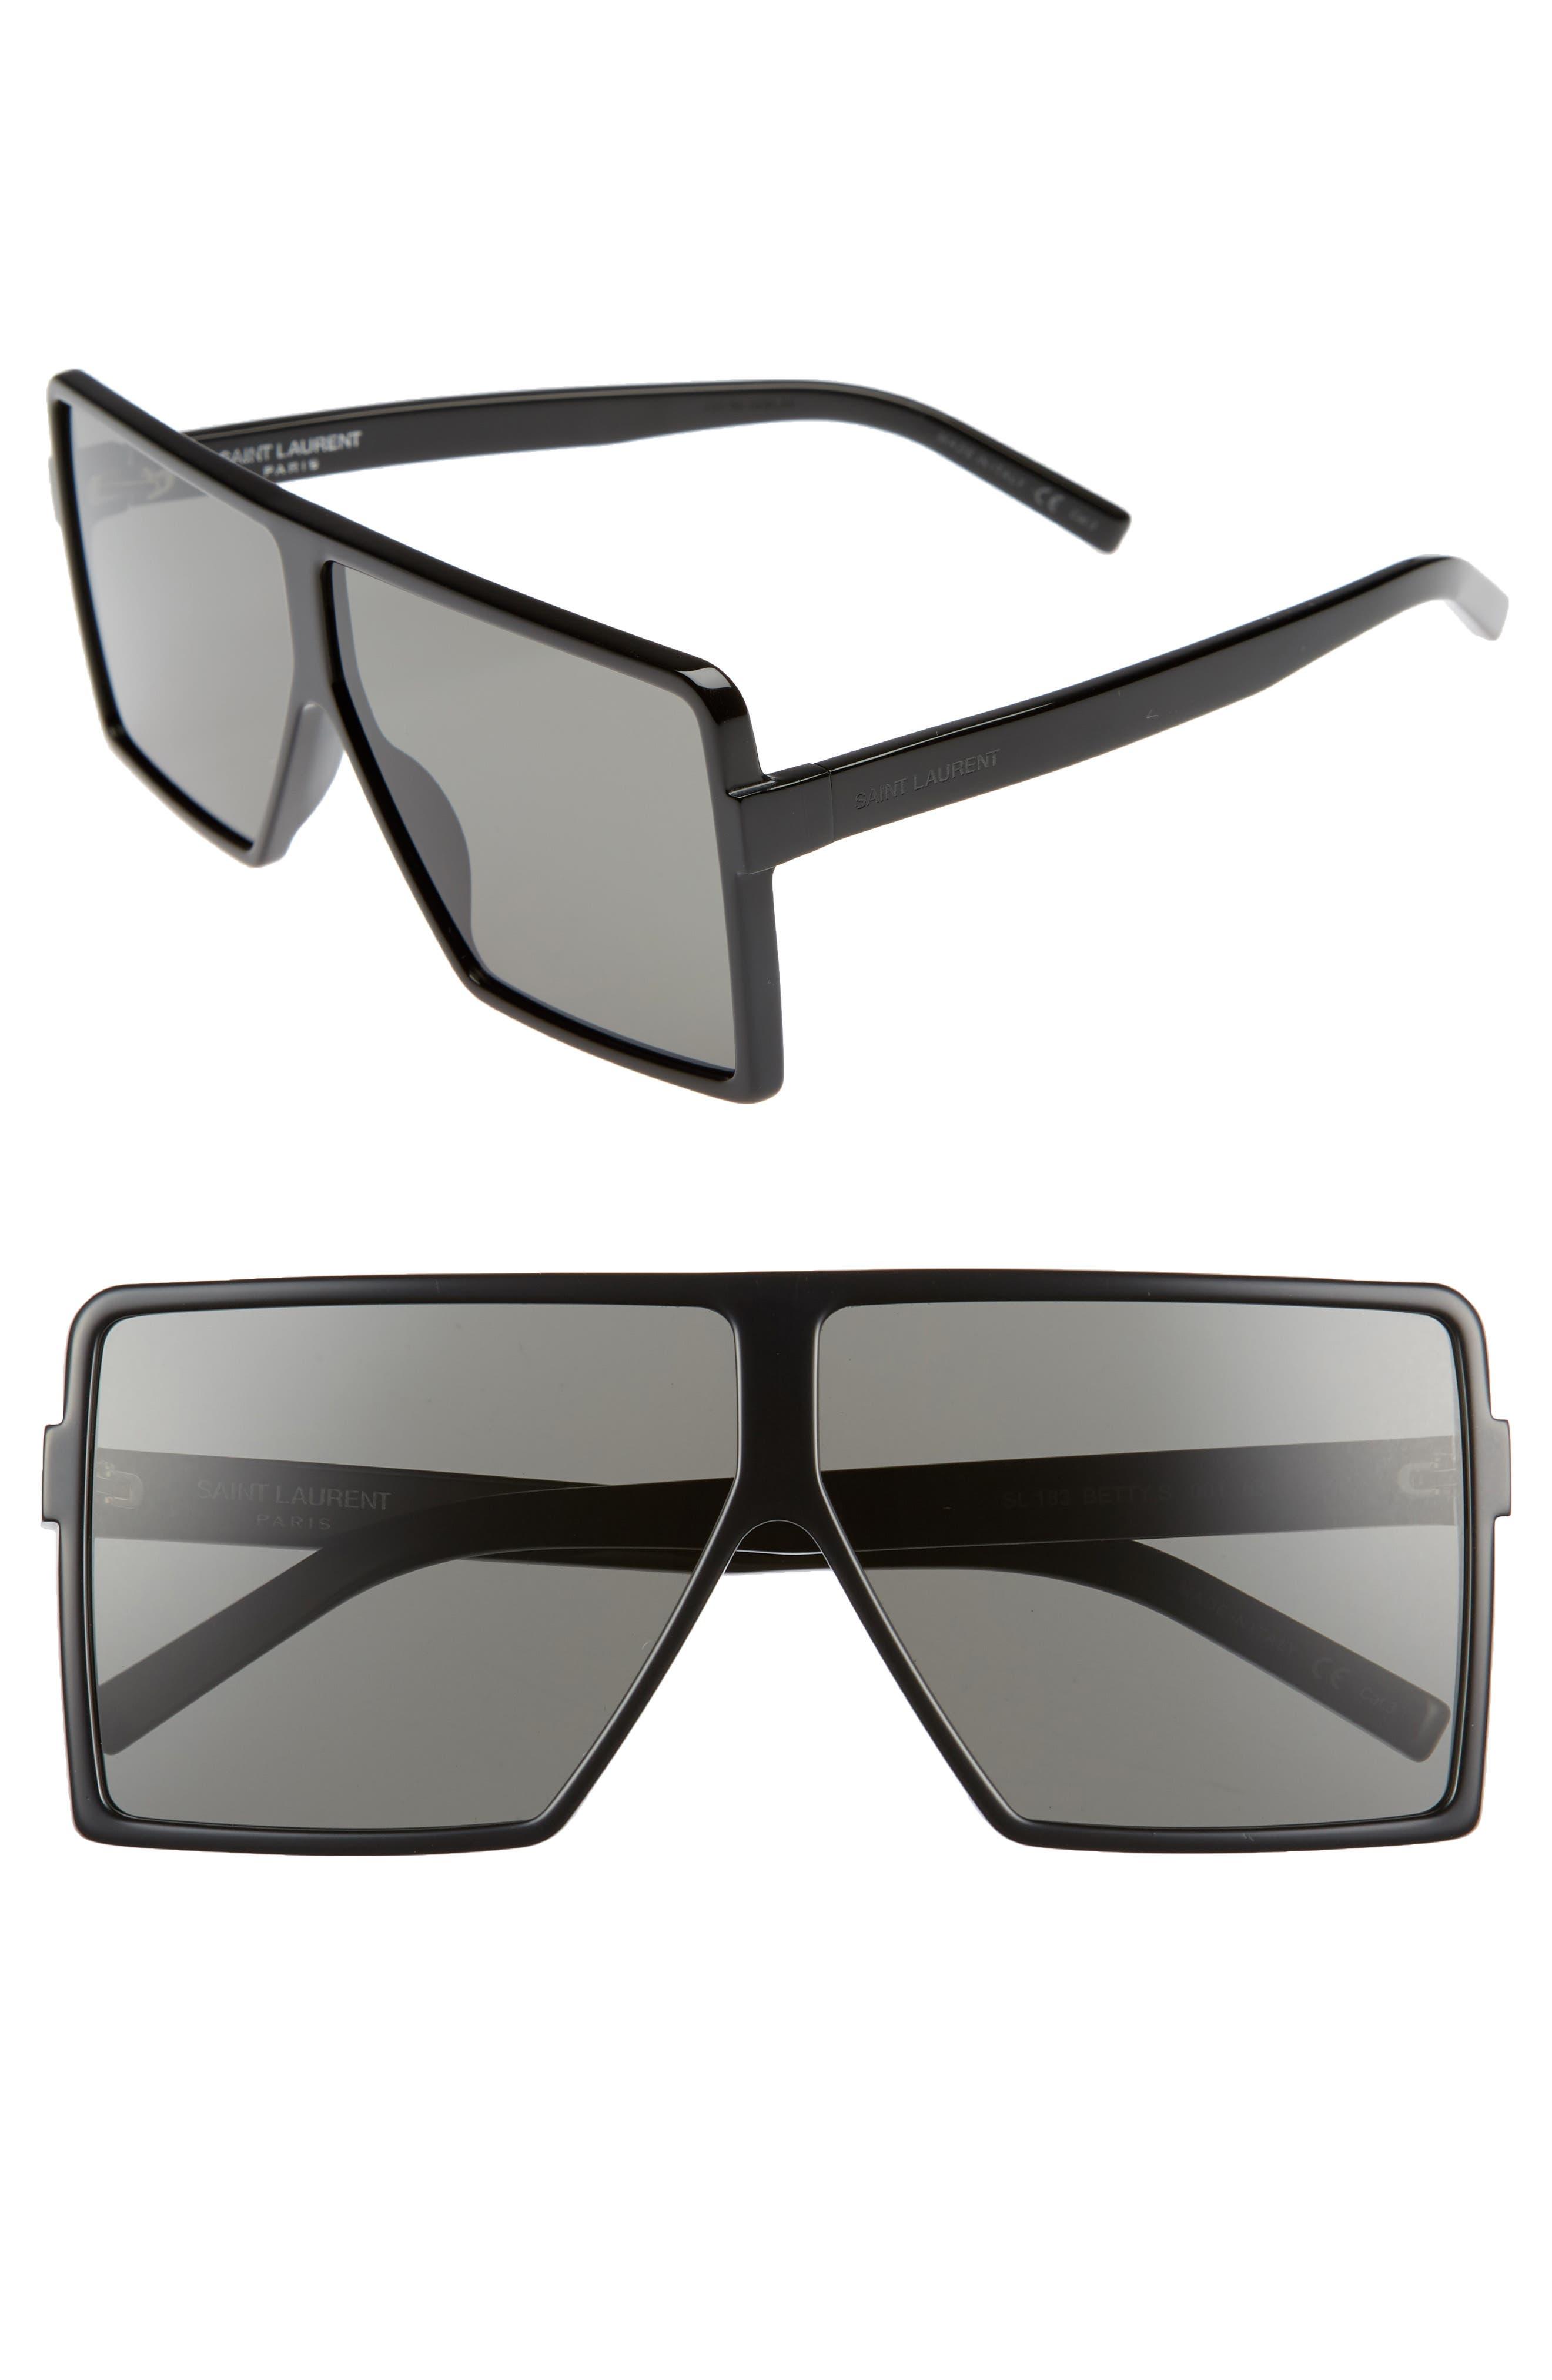 SAINT LAURENT Betty 63mm Oversize Shield Sunglasses, Main, color, BLACK